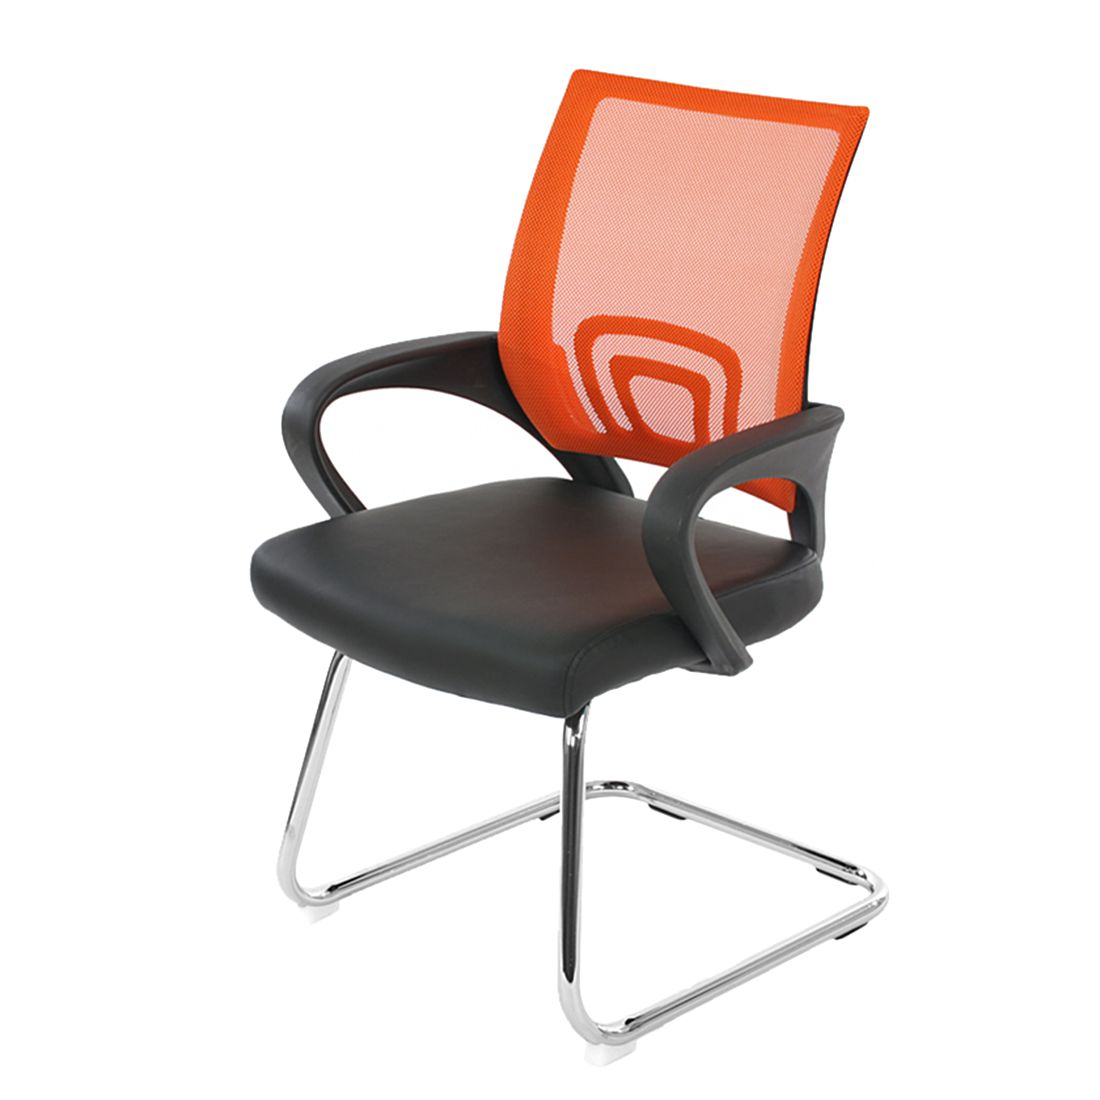 Konferenzstuhl Afragola (2er-Set) – Orange, Mendler günstig bestellen